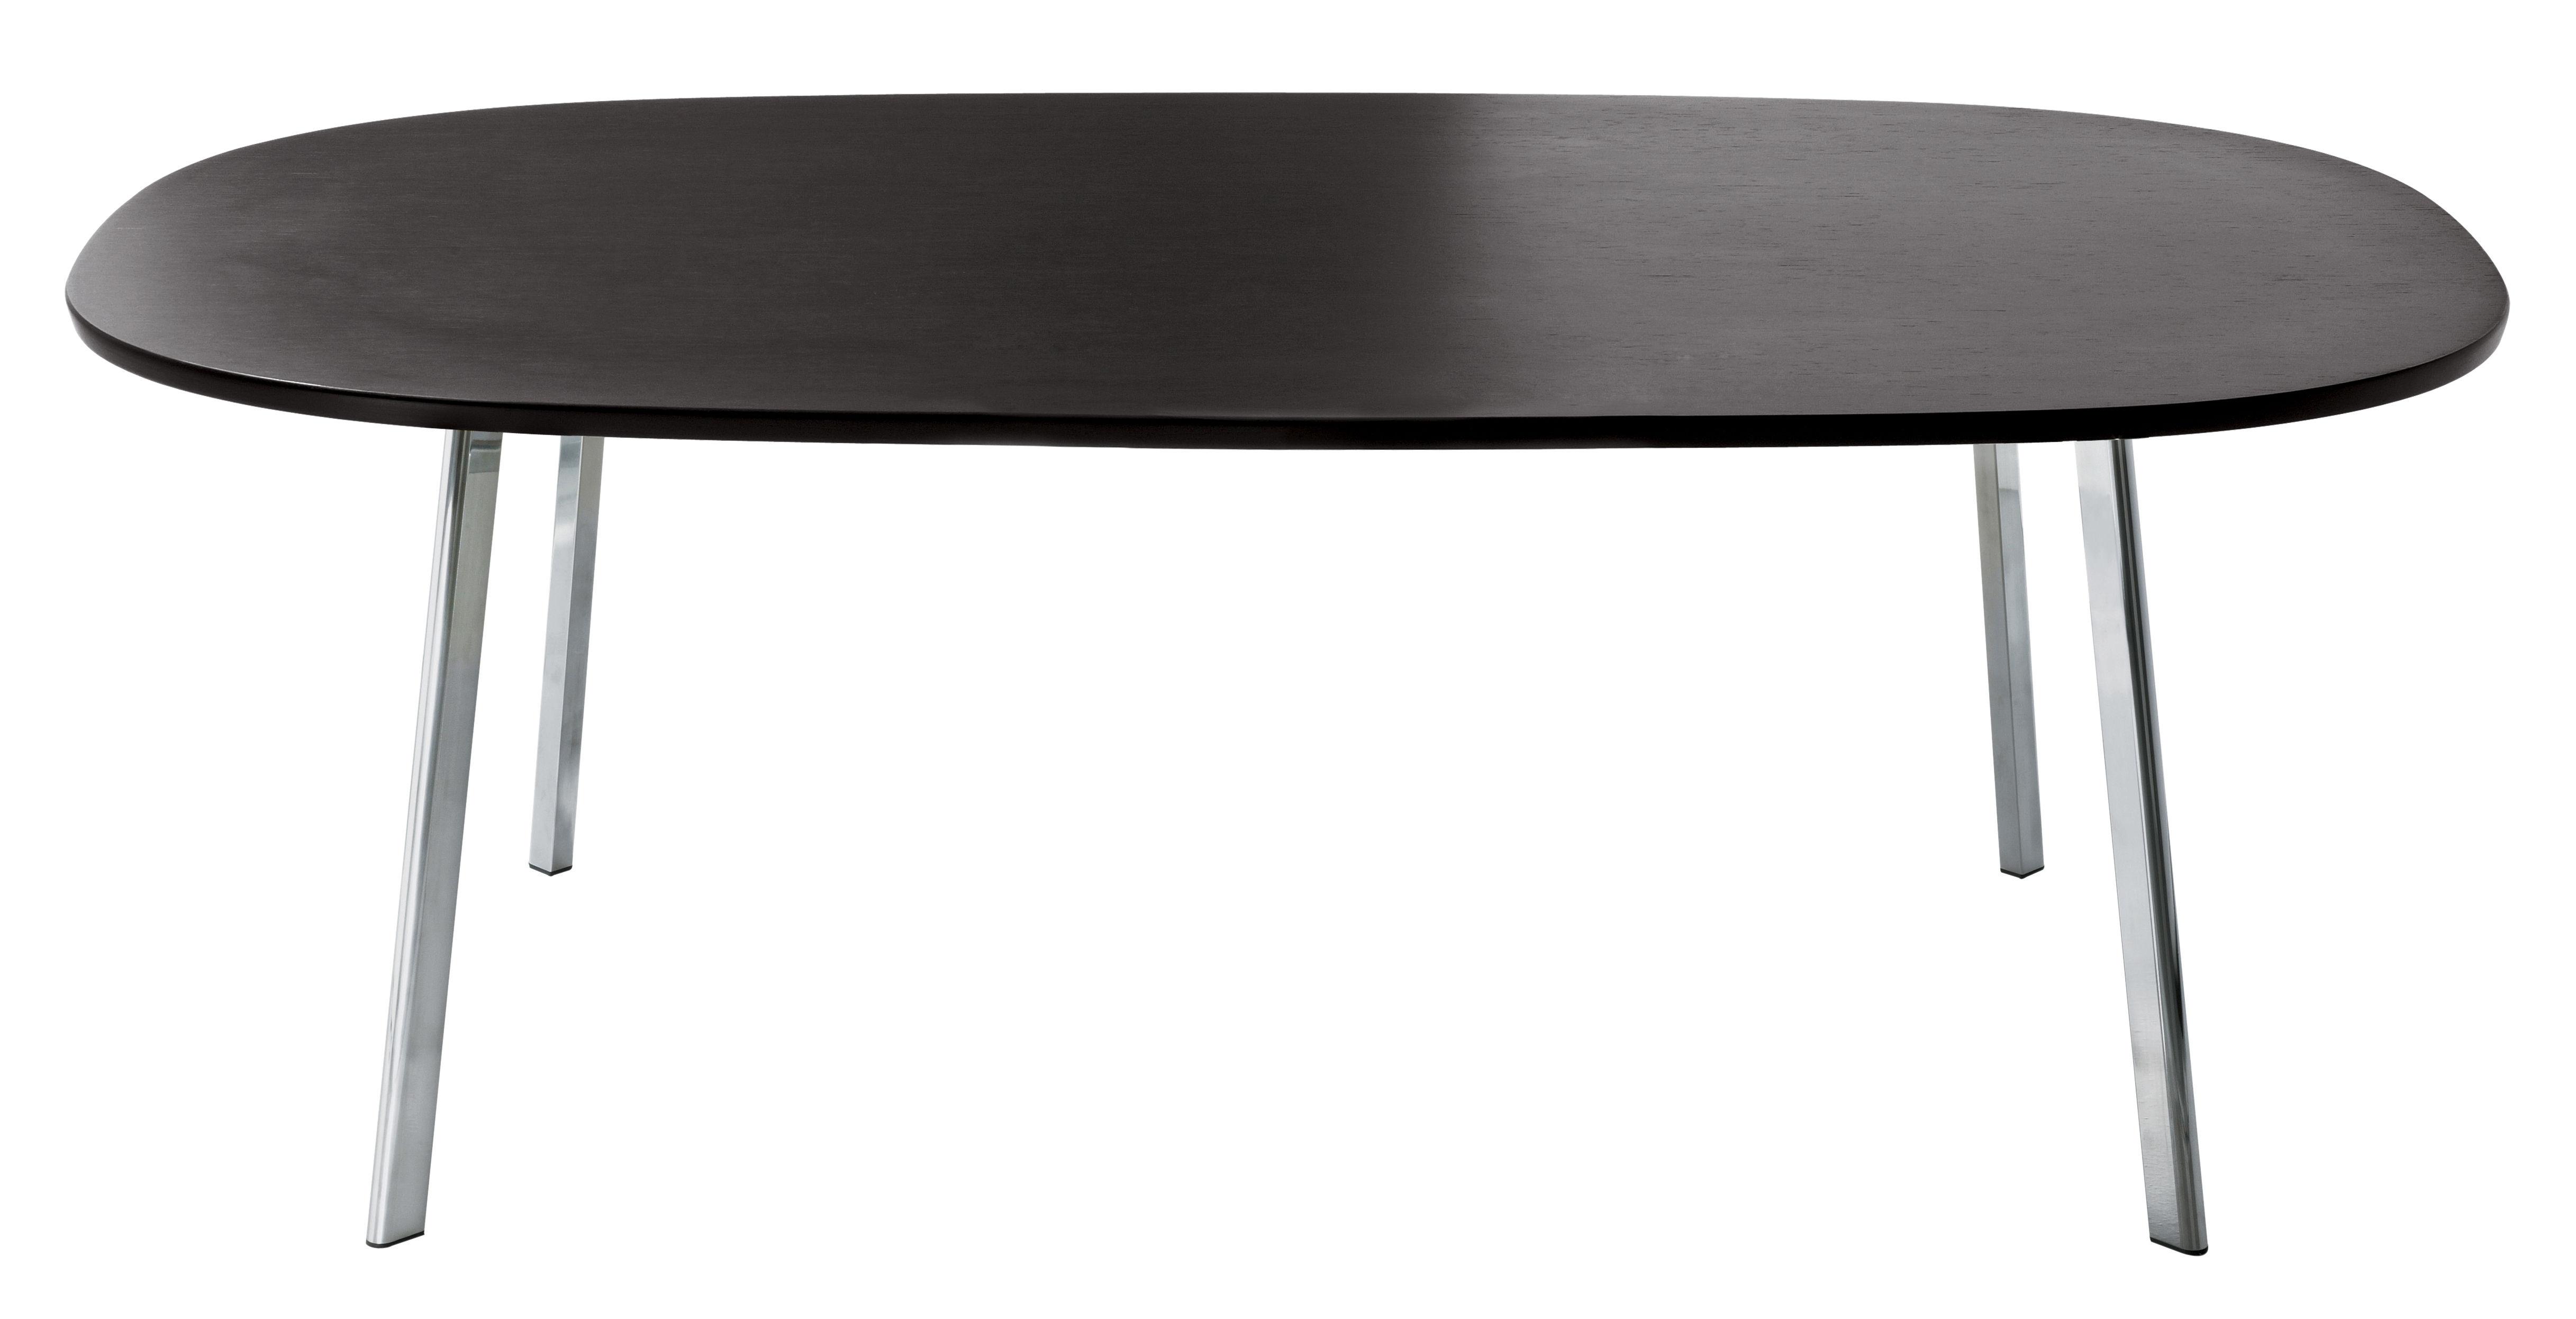 Mobilier - Tables - Table Déjà-vu / 200 x 120 cm - Magis - Plateau wengé / Pieds chromés - Aluminium poli, MDF plaqué chêne teinté